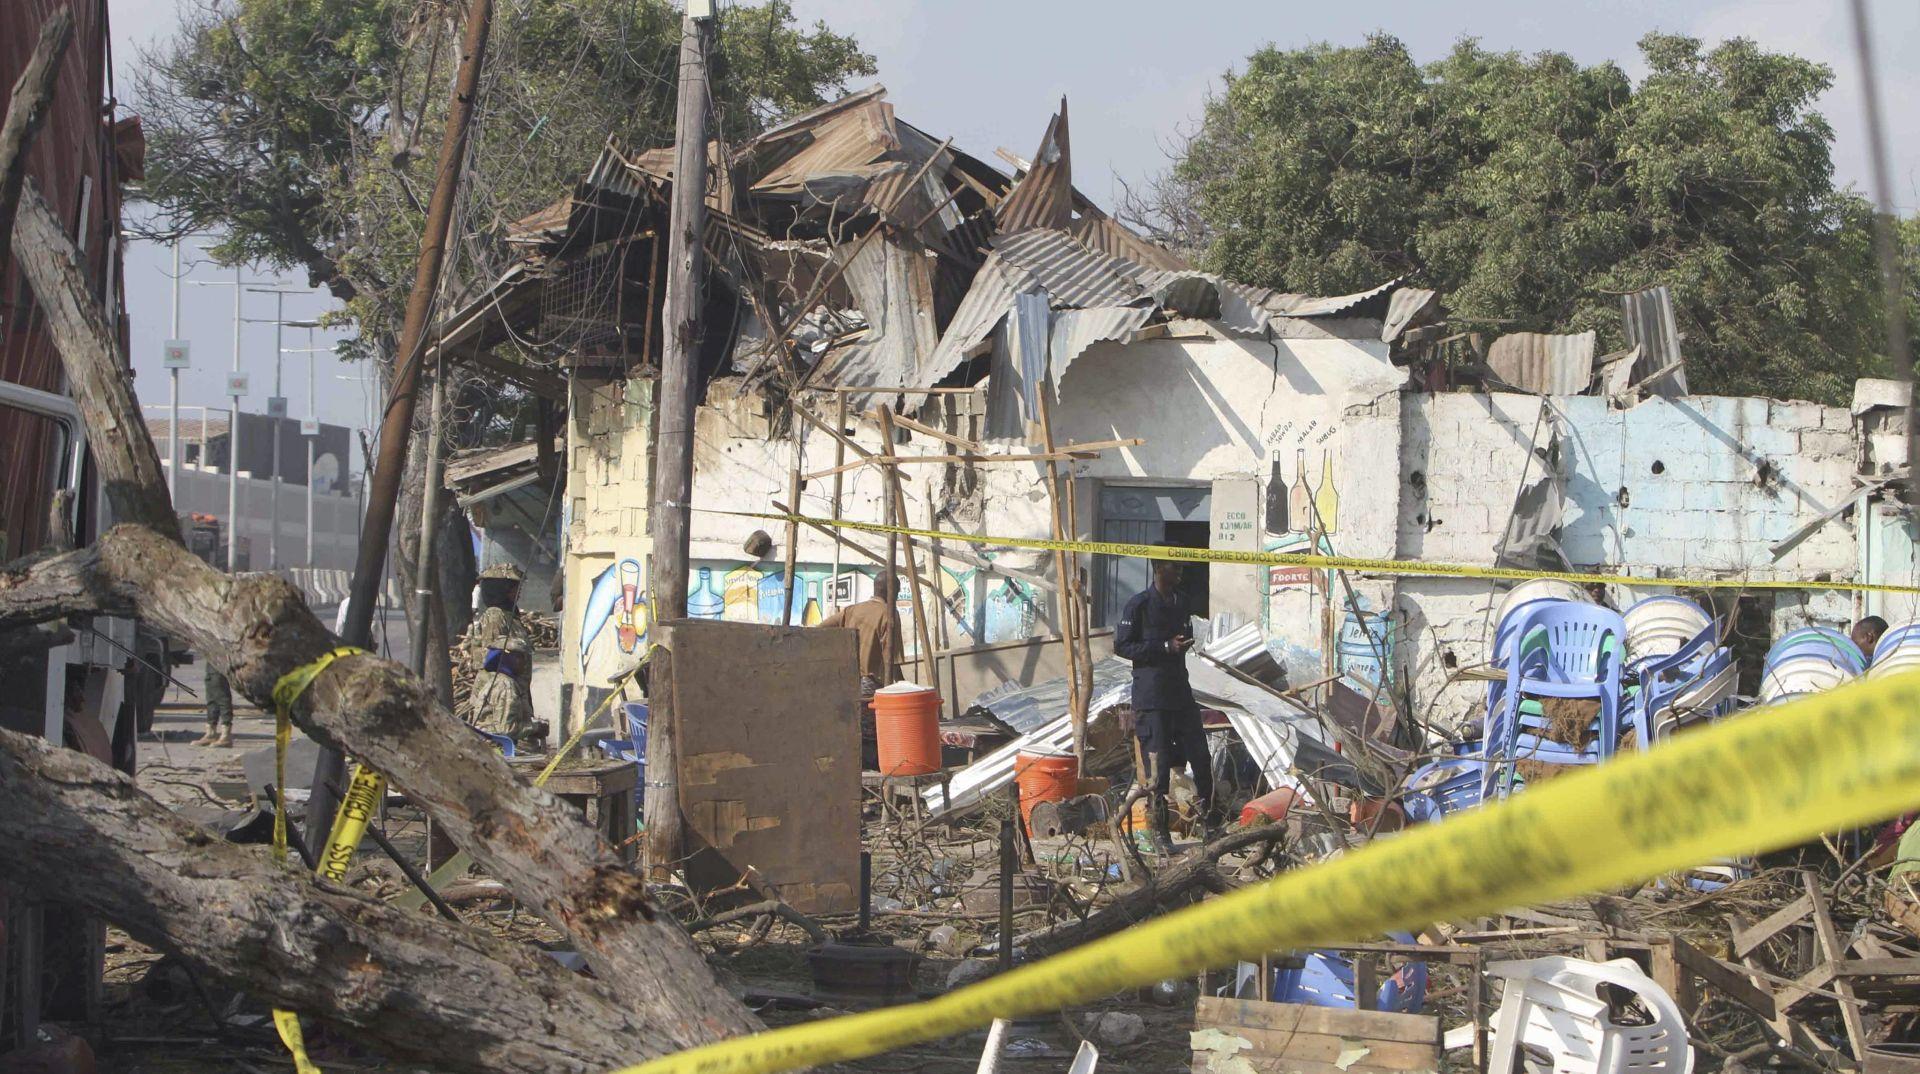 SOMALIJA Autom punim eksploziva zabio se u glavni ulaz luke, poginulo najmanje 20 ljudi